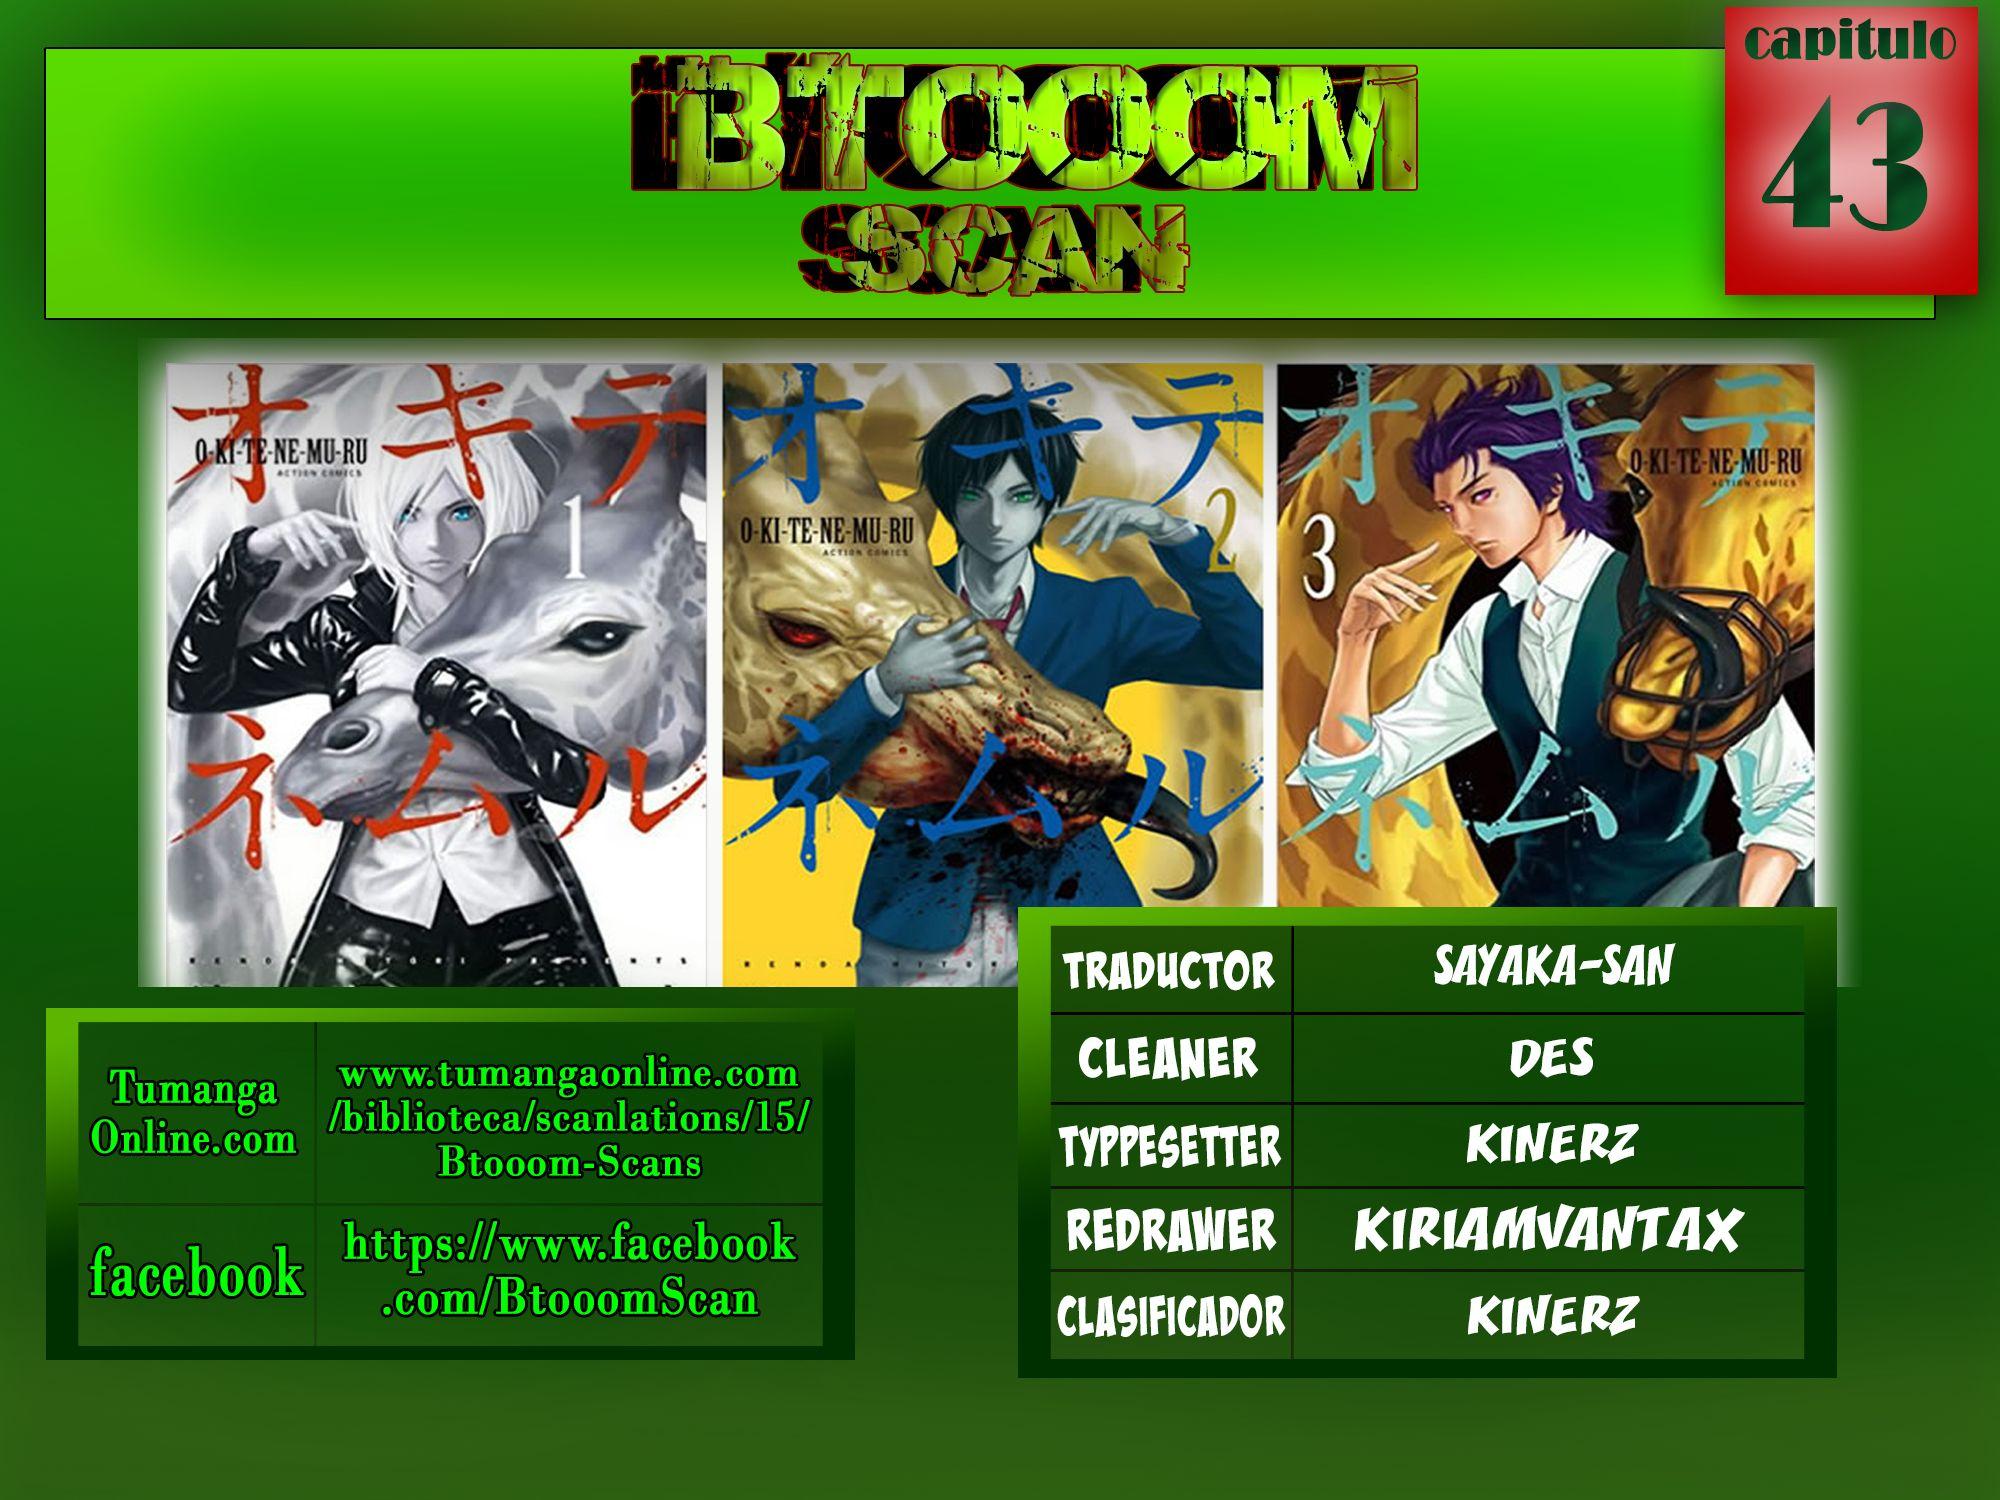 http://c5.ninemanga.com/es_manga/pic2/54/16310/502825/b7313dc57df1c85e3f0715feb5ac05f0.jpg Page 1